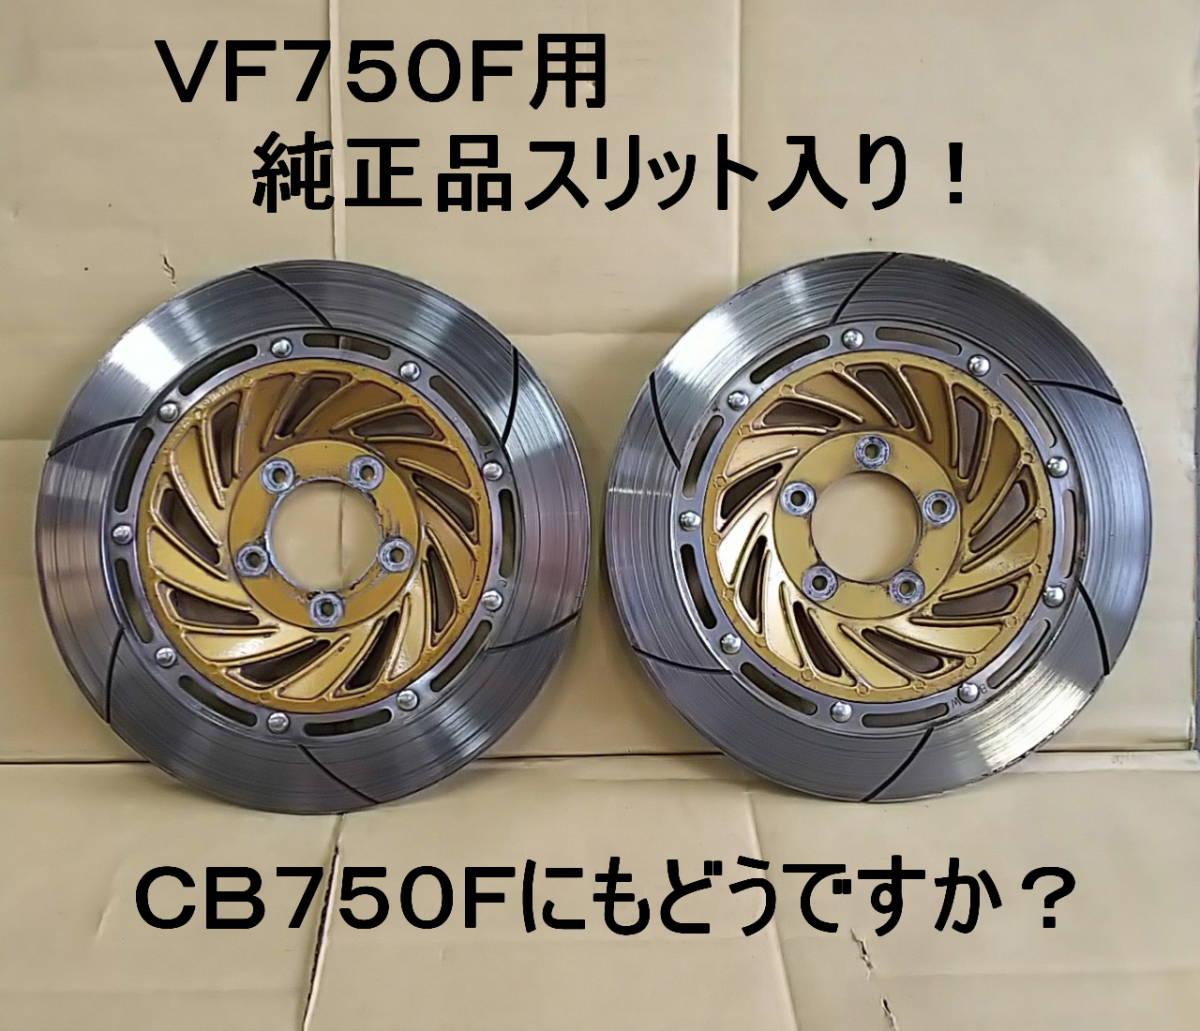 稀少品 CB750F にも!ホンダ VF750F 用 純正ブレーキロータースリット入り!CB900F CB1100F ボルドール インテグラ ヨシムラ モリワキ